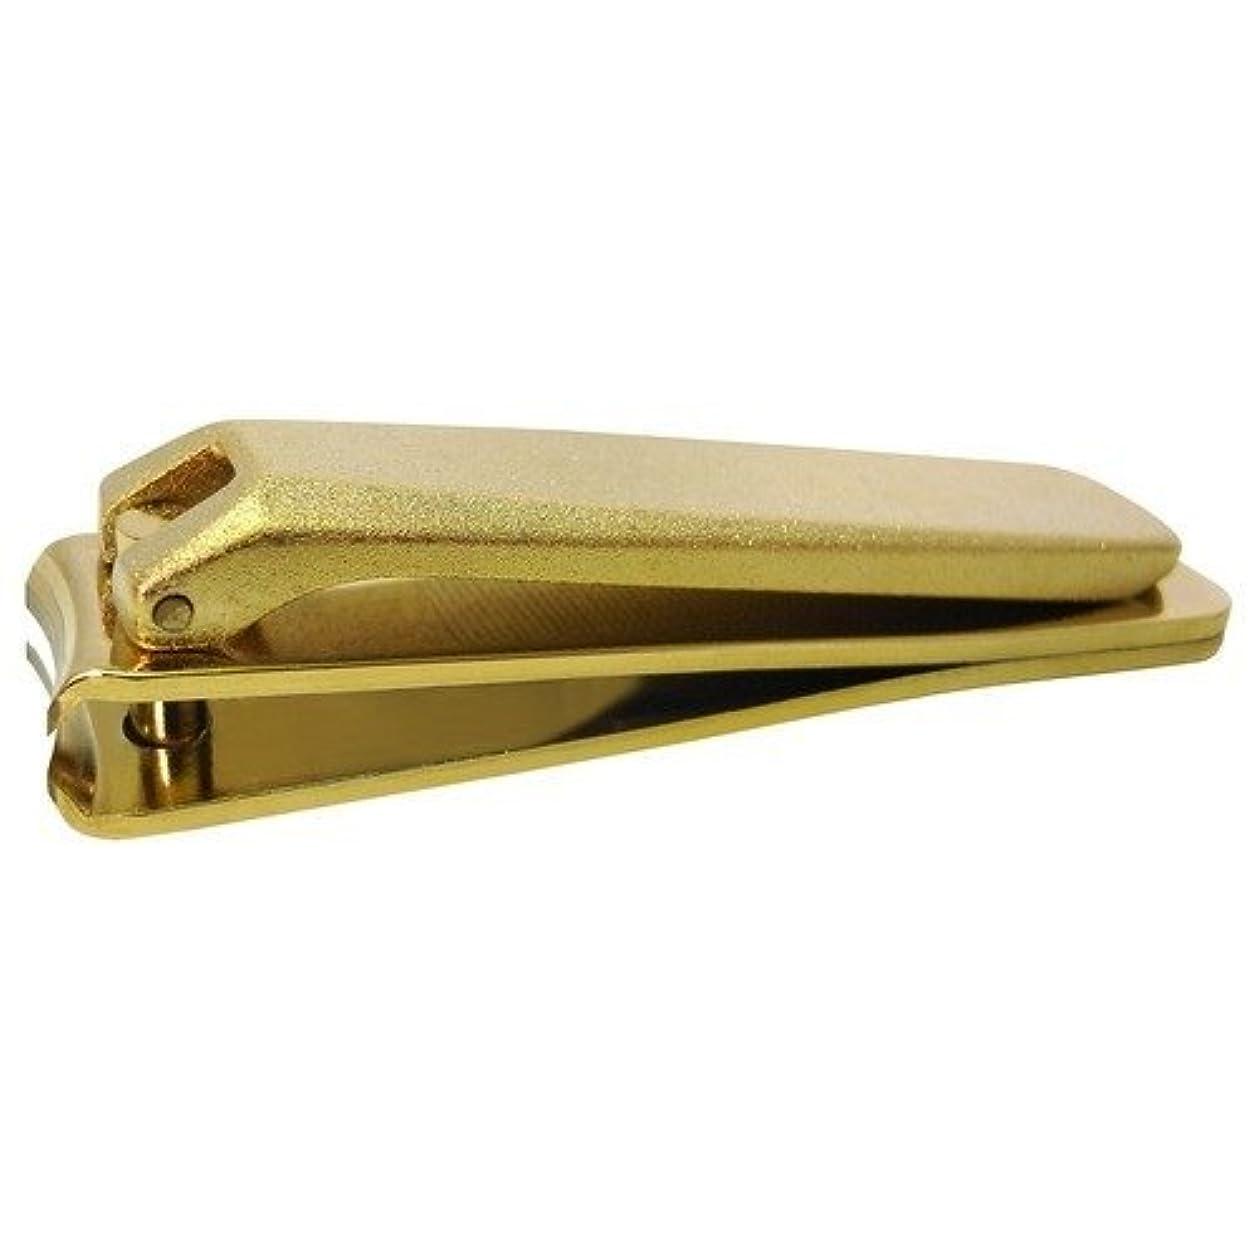 嫉妬補正習字KD-029 関の刃物 ゴールド爪切 大 カバー無